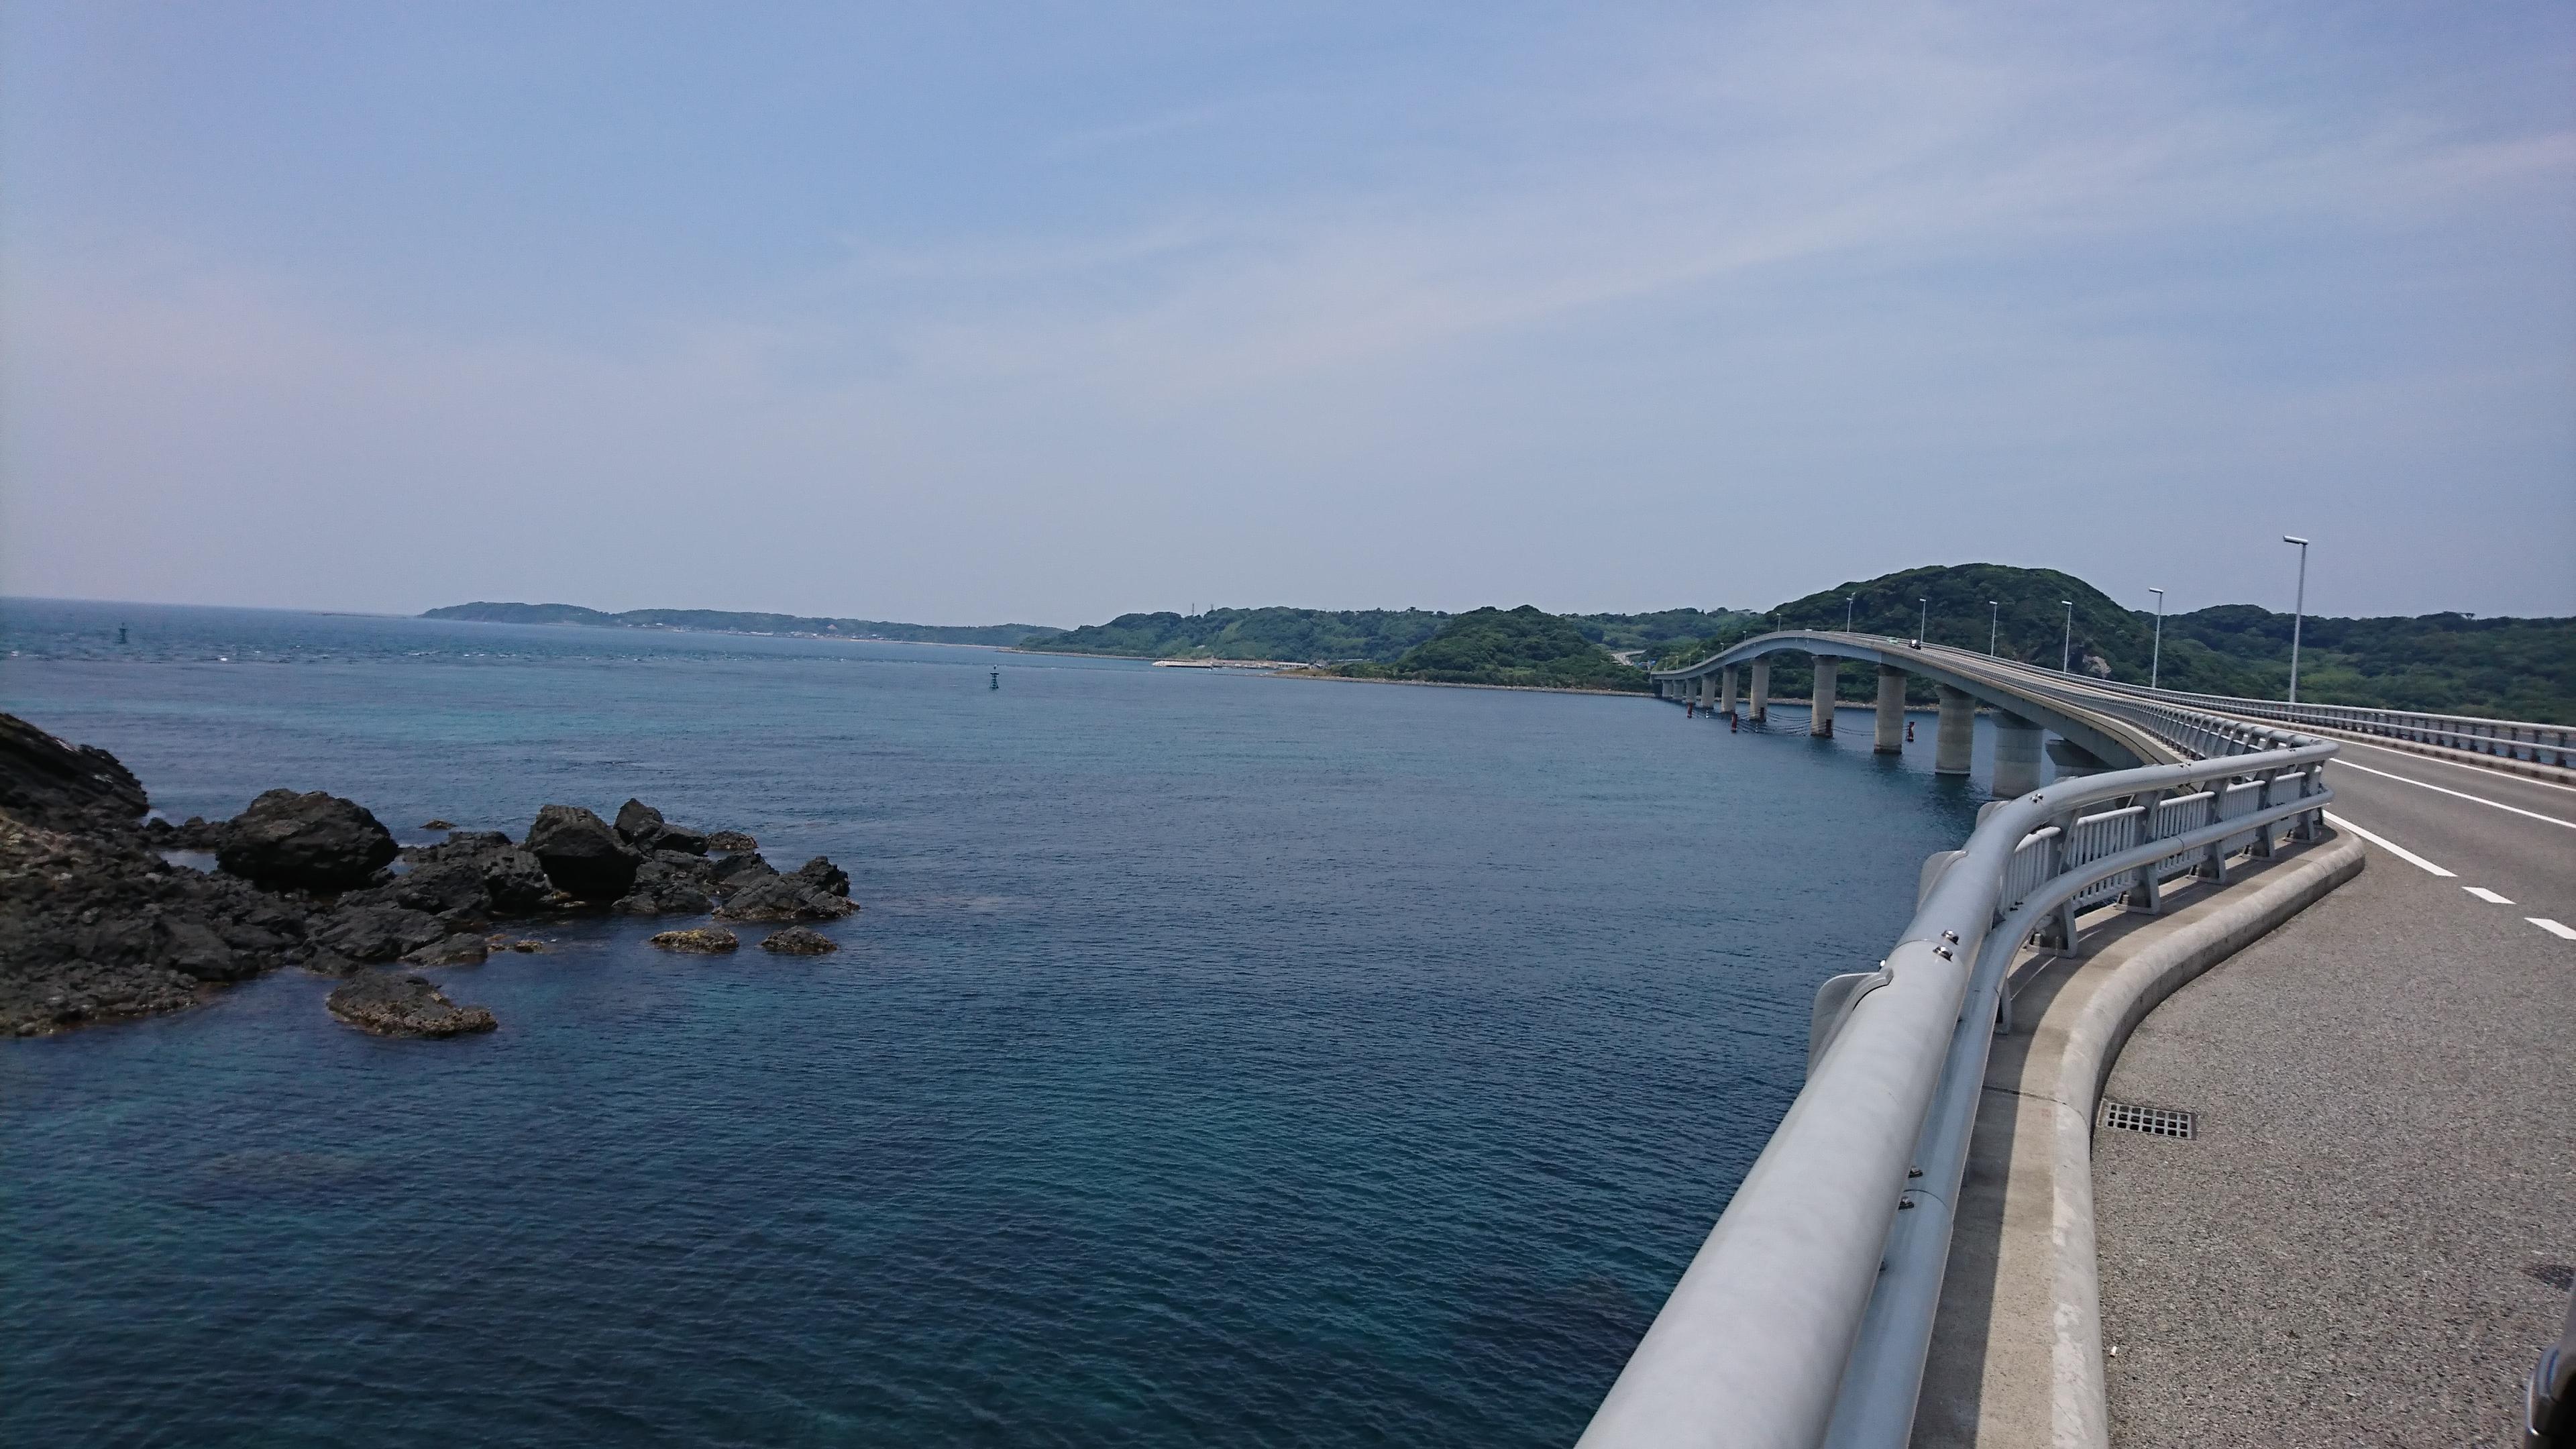 角島大橋途中で駐車して撮影しています